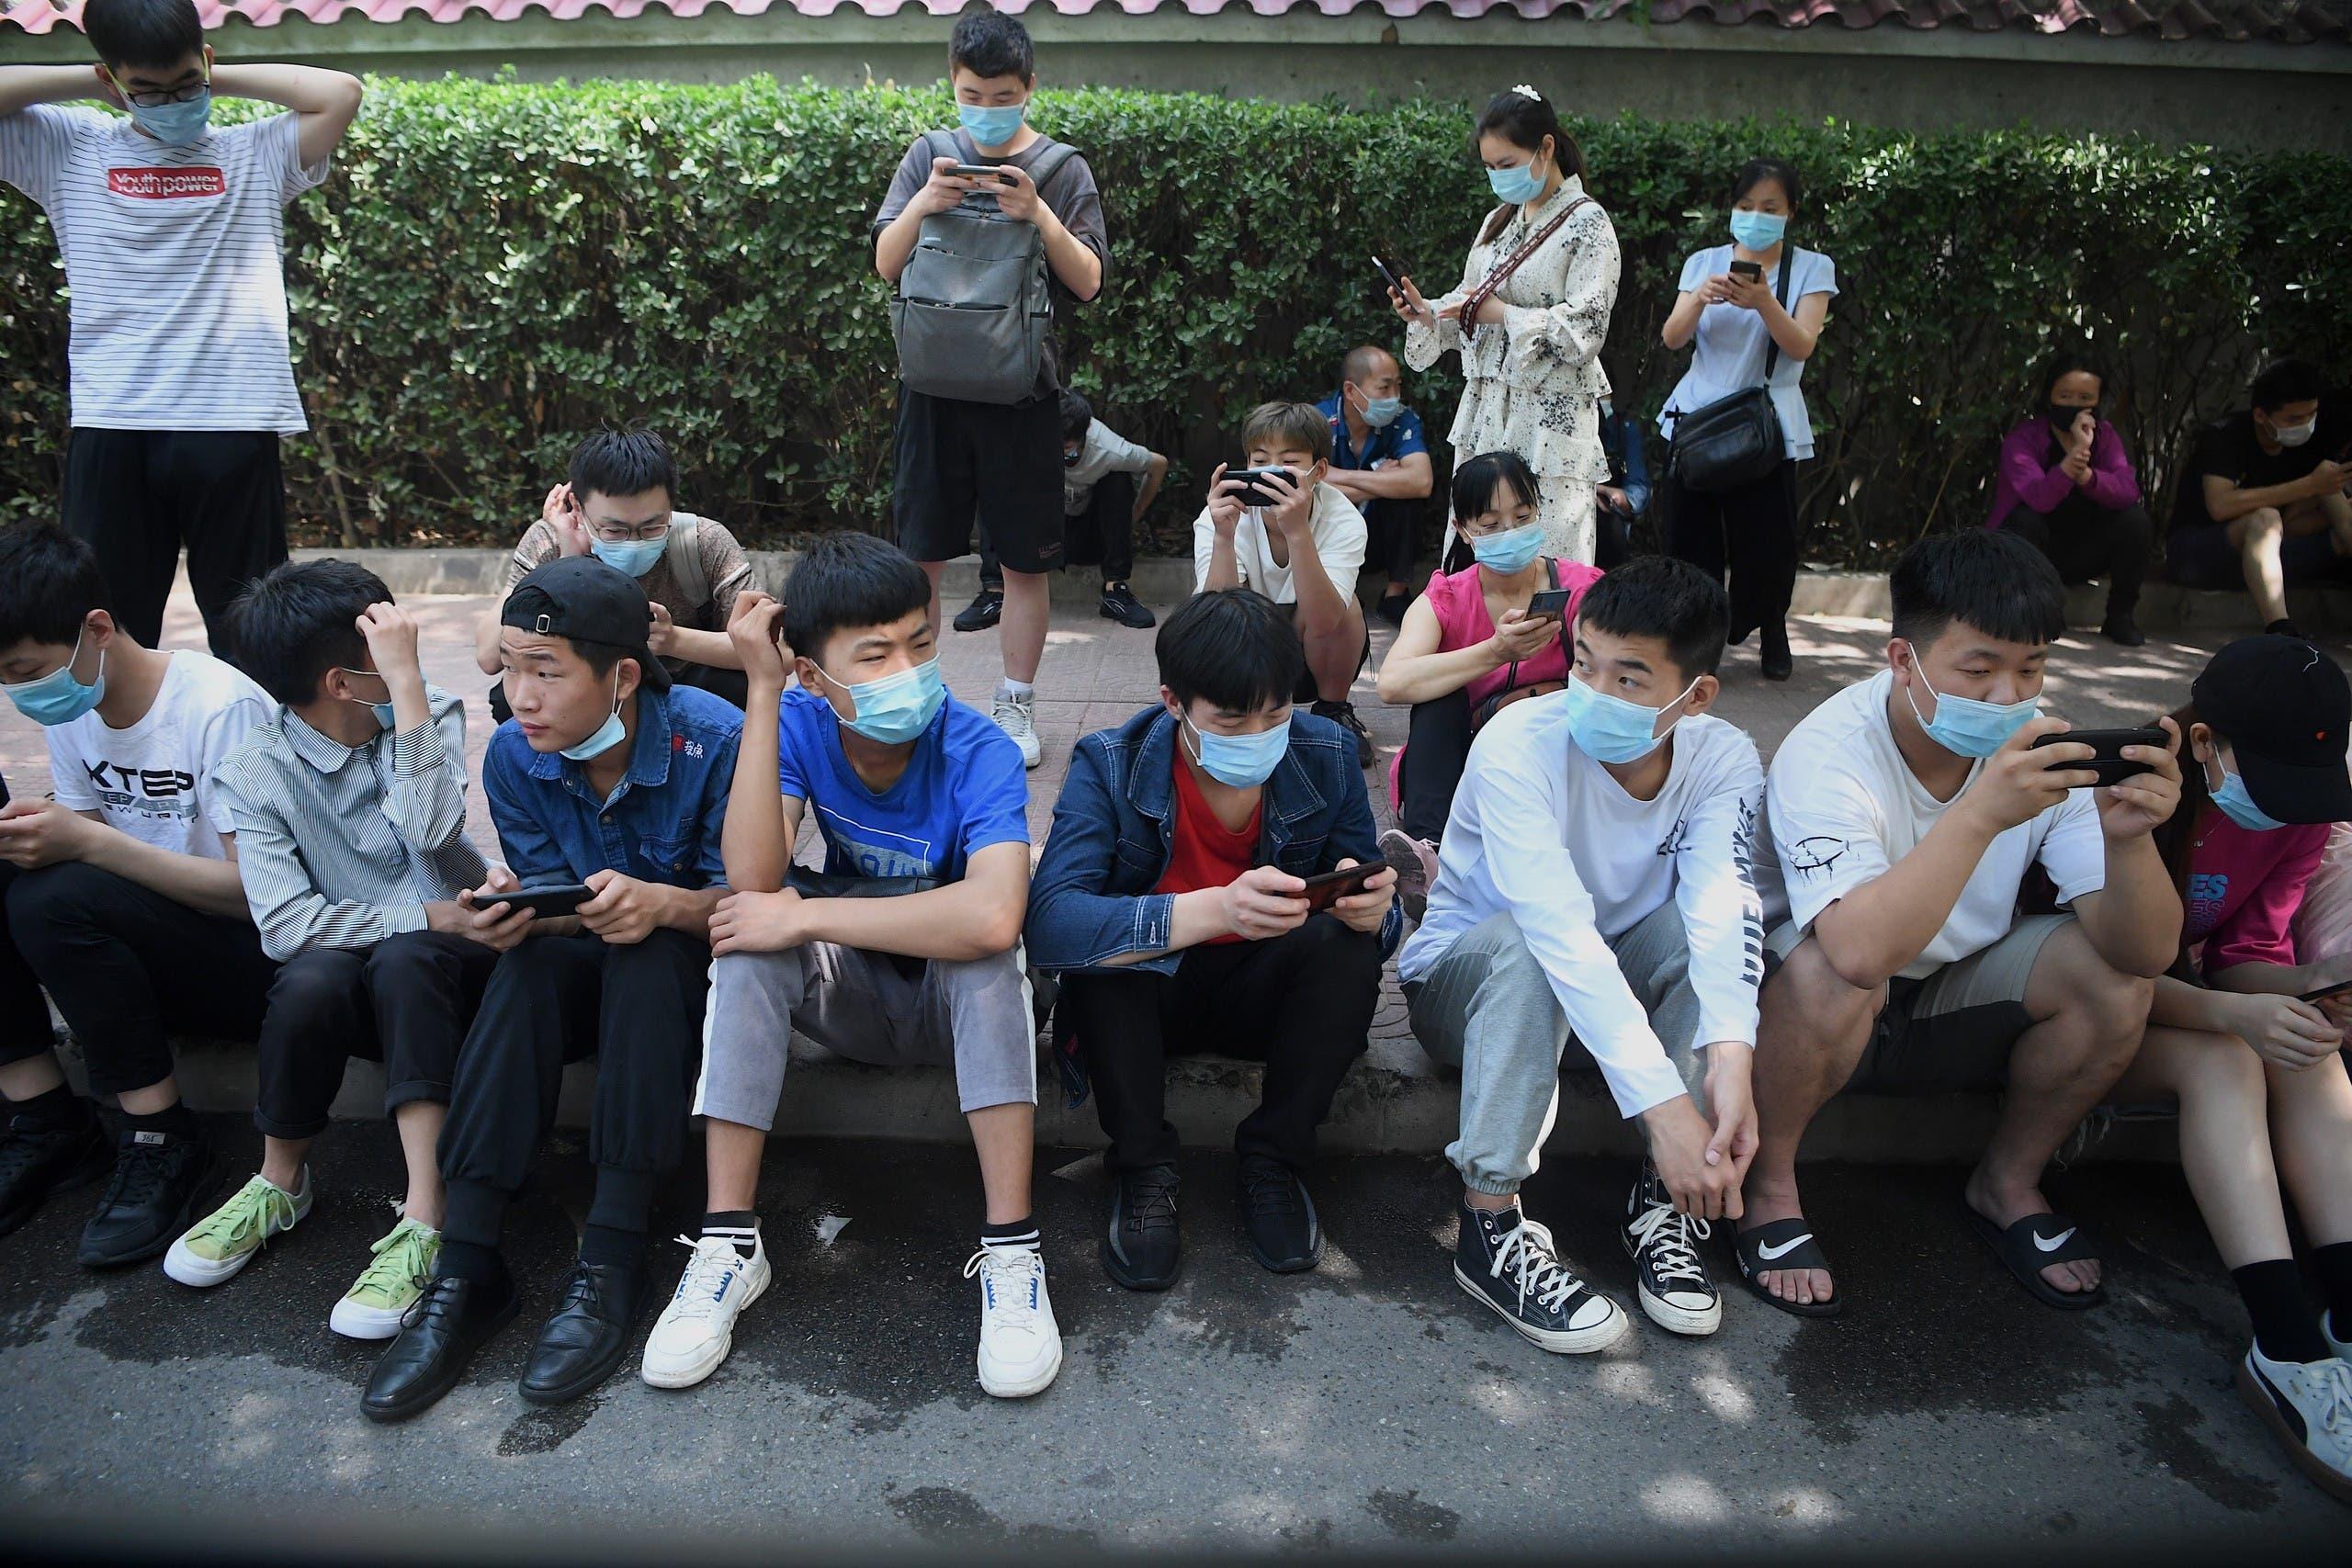 مراهقون ينتظرون للخضوع لفحص كورونا في بكين